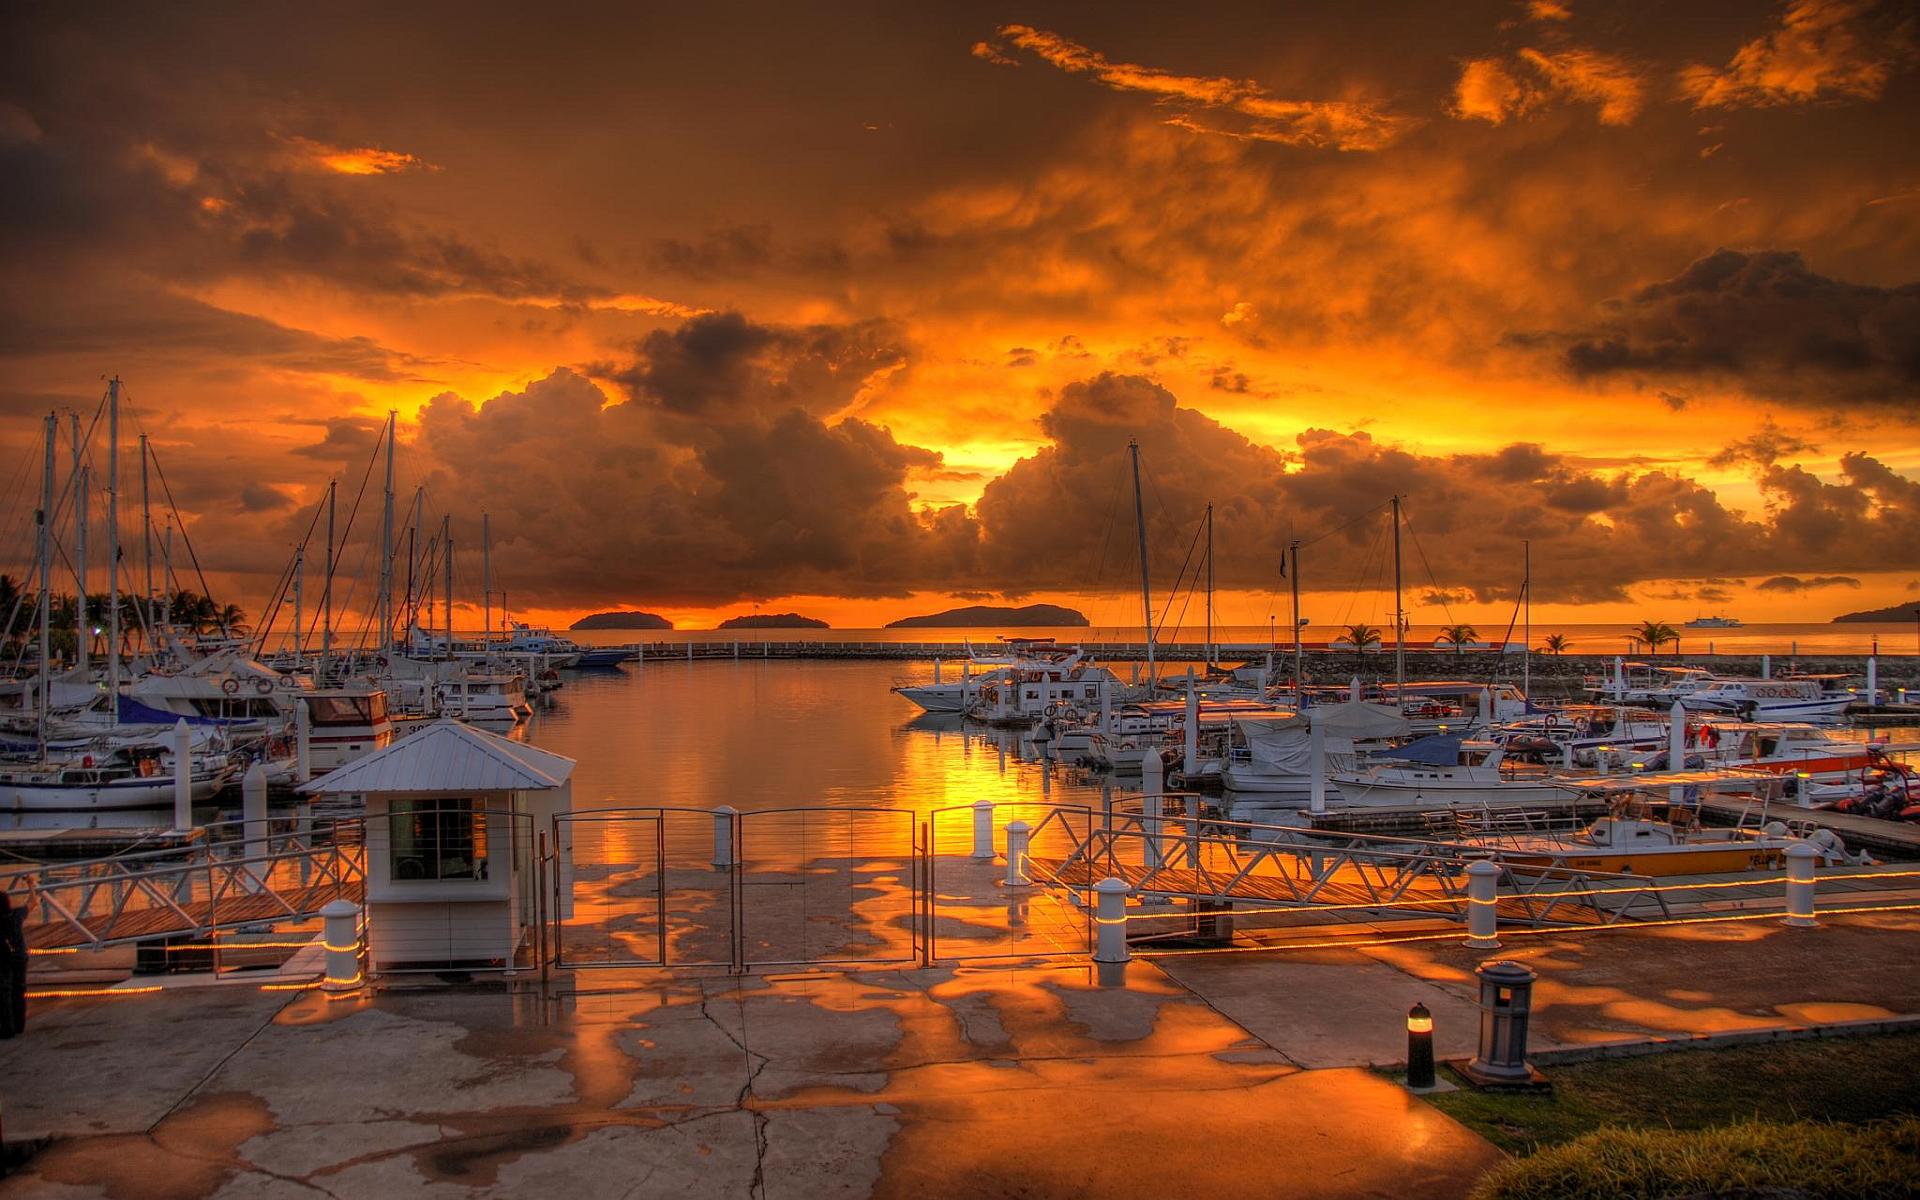 beautiful sunset wallpaper hd